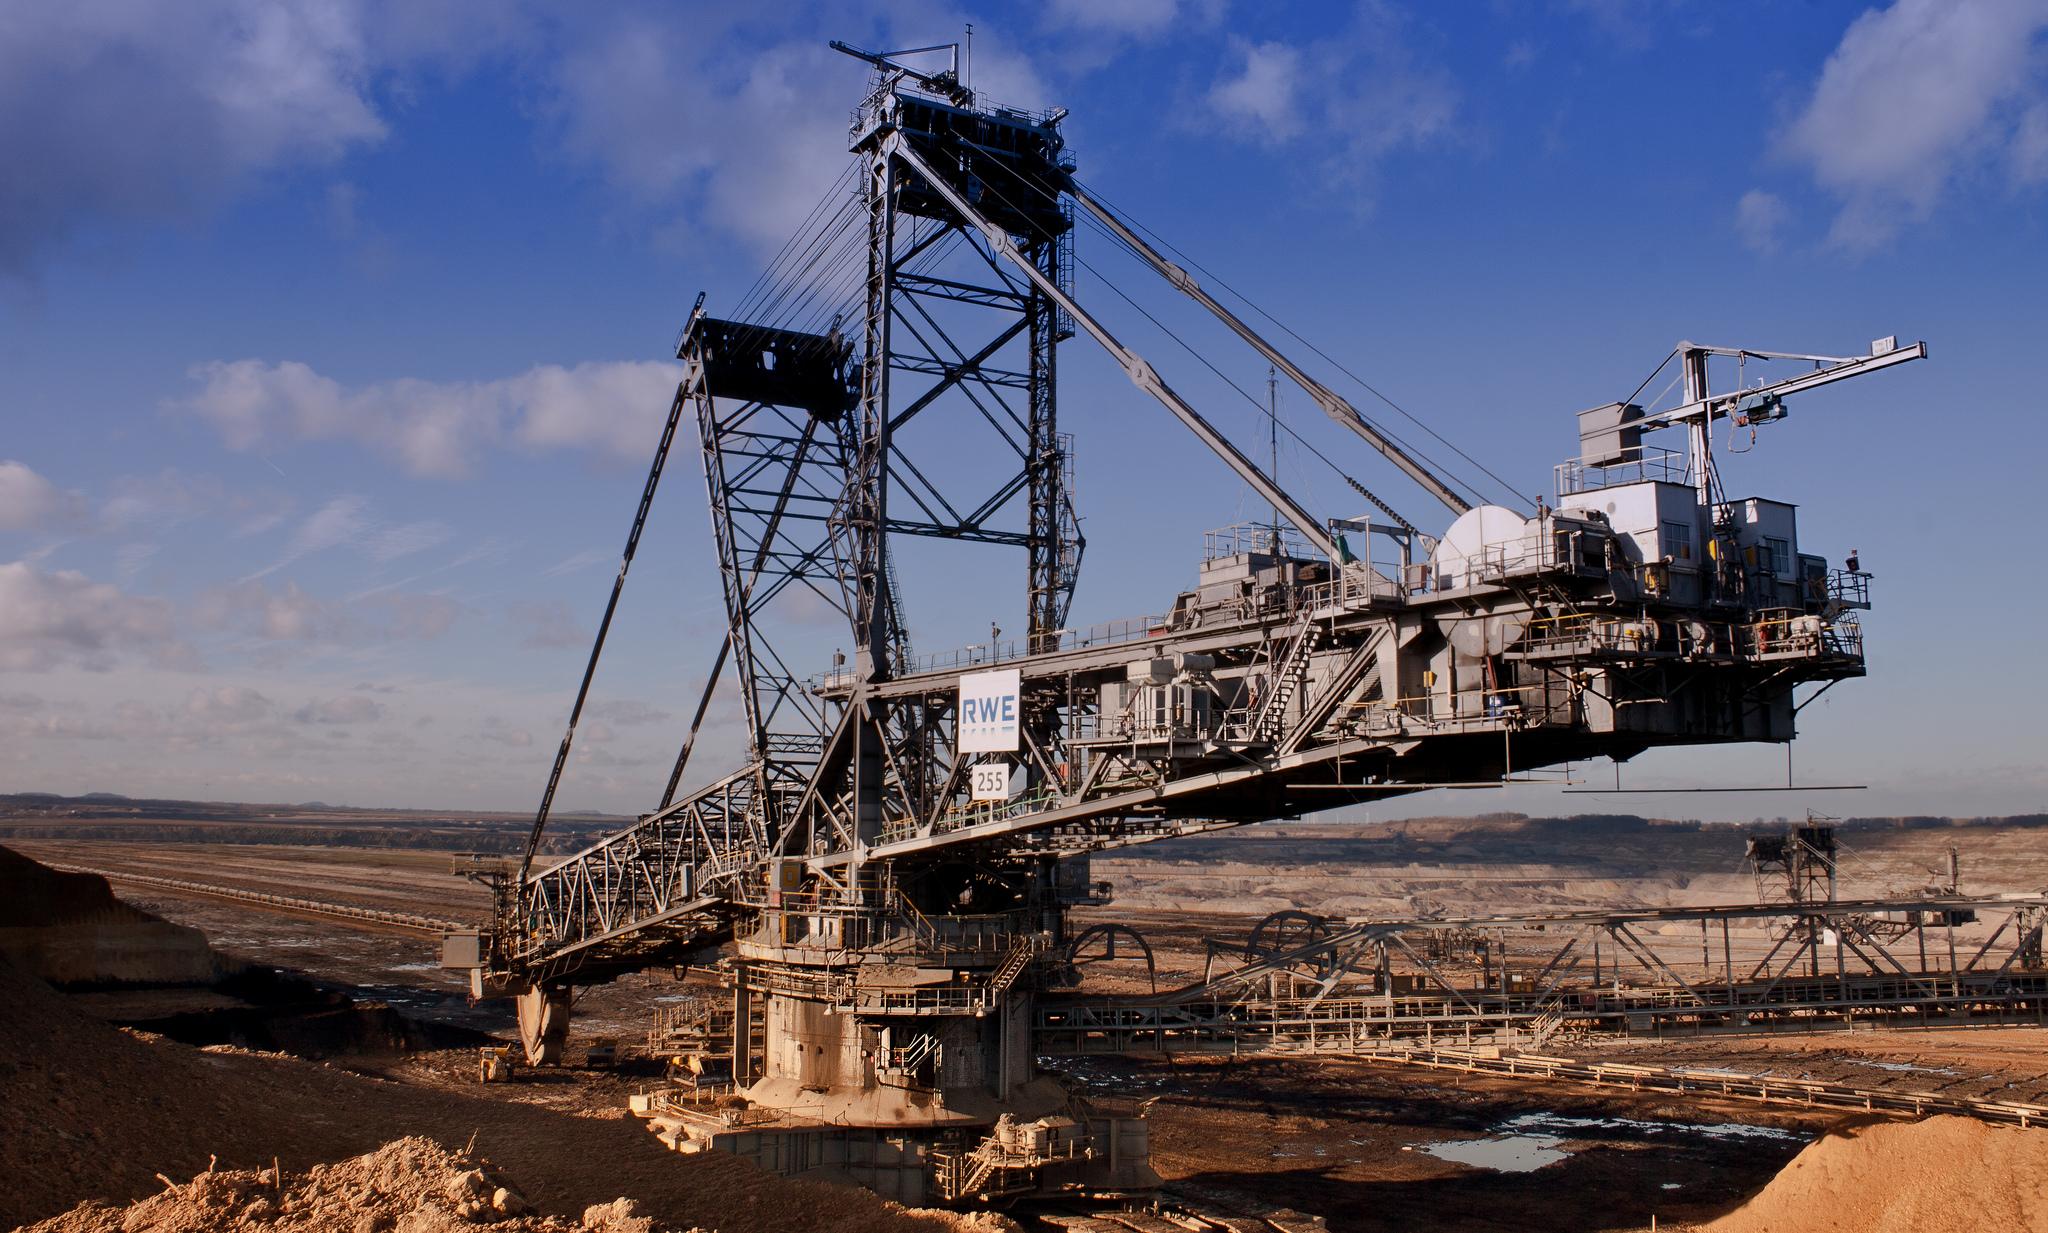 Nach Meinung von Sigmar Gabriel könnte sich der Kohleausstieg bis 2015 ziehen.